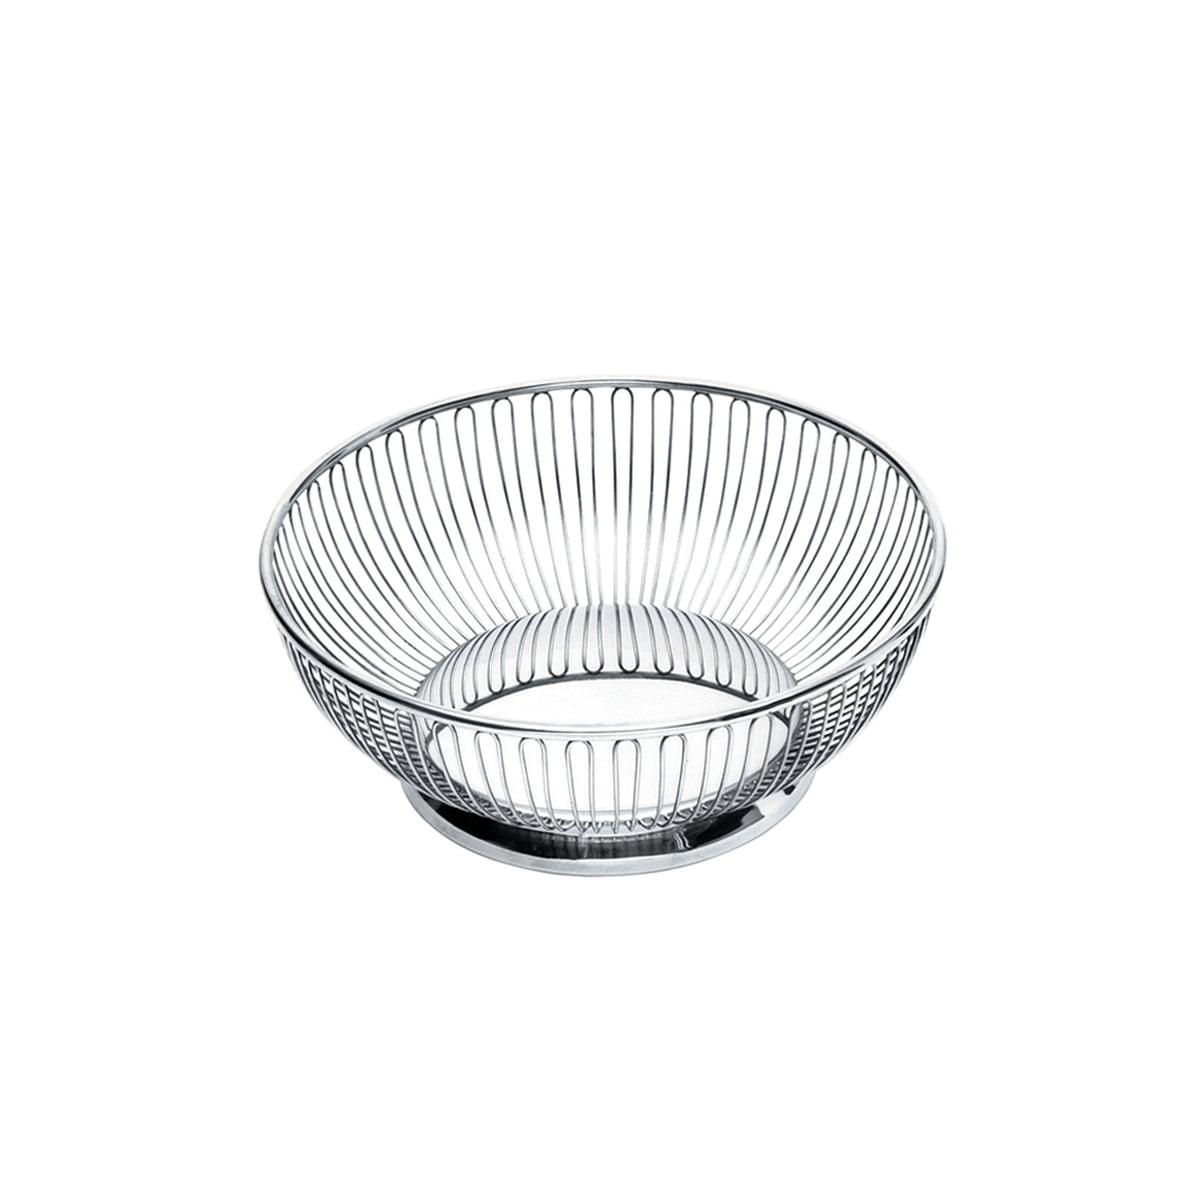 Alessi - Corbeille à fil ronde 826, rond, Ø 15 cm